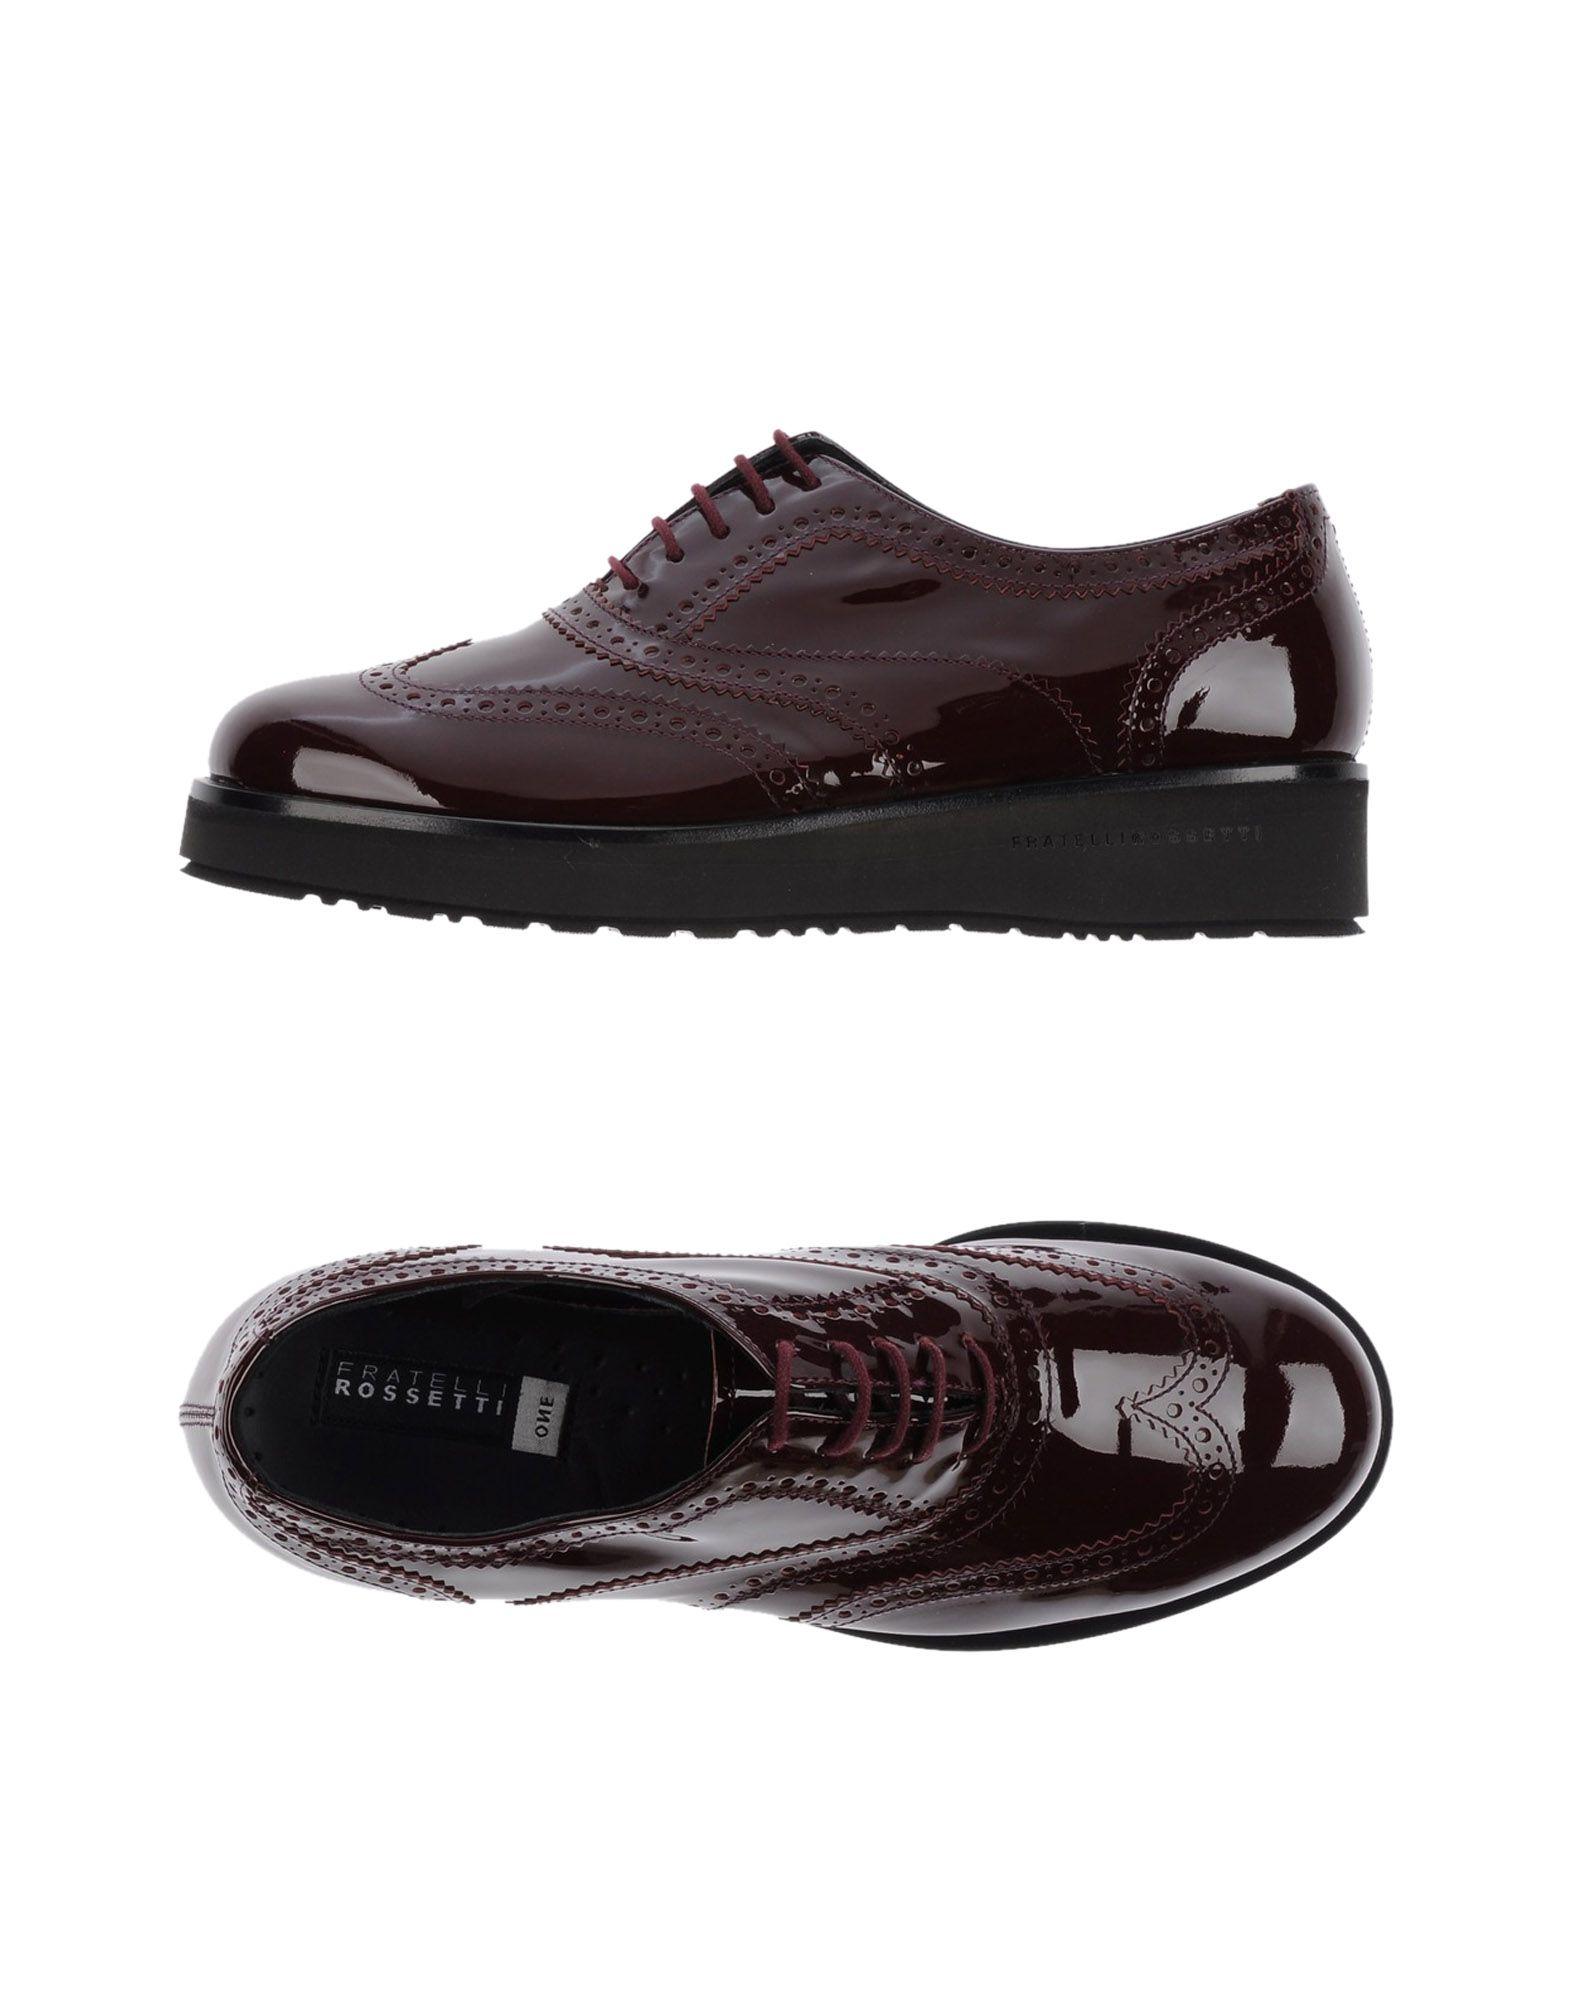 Fratelli Rossetti Schnürschuhe Damen Damen Schnürschuhe  11231868WU Neue Schuhe c8e694